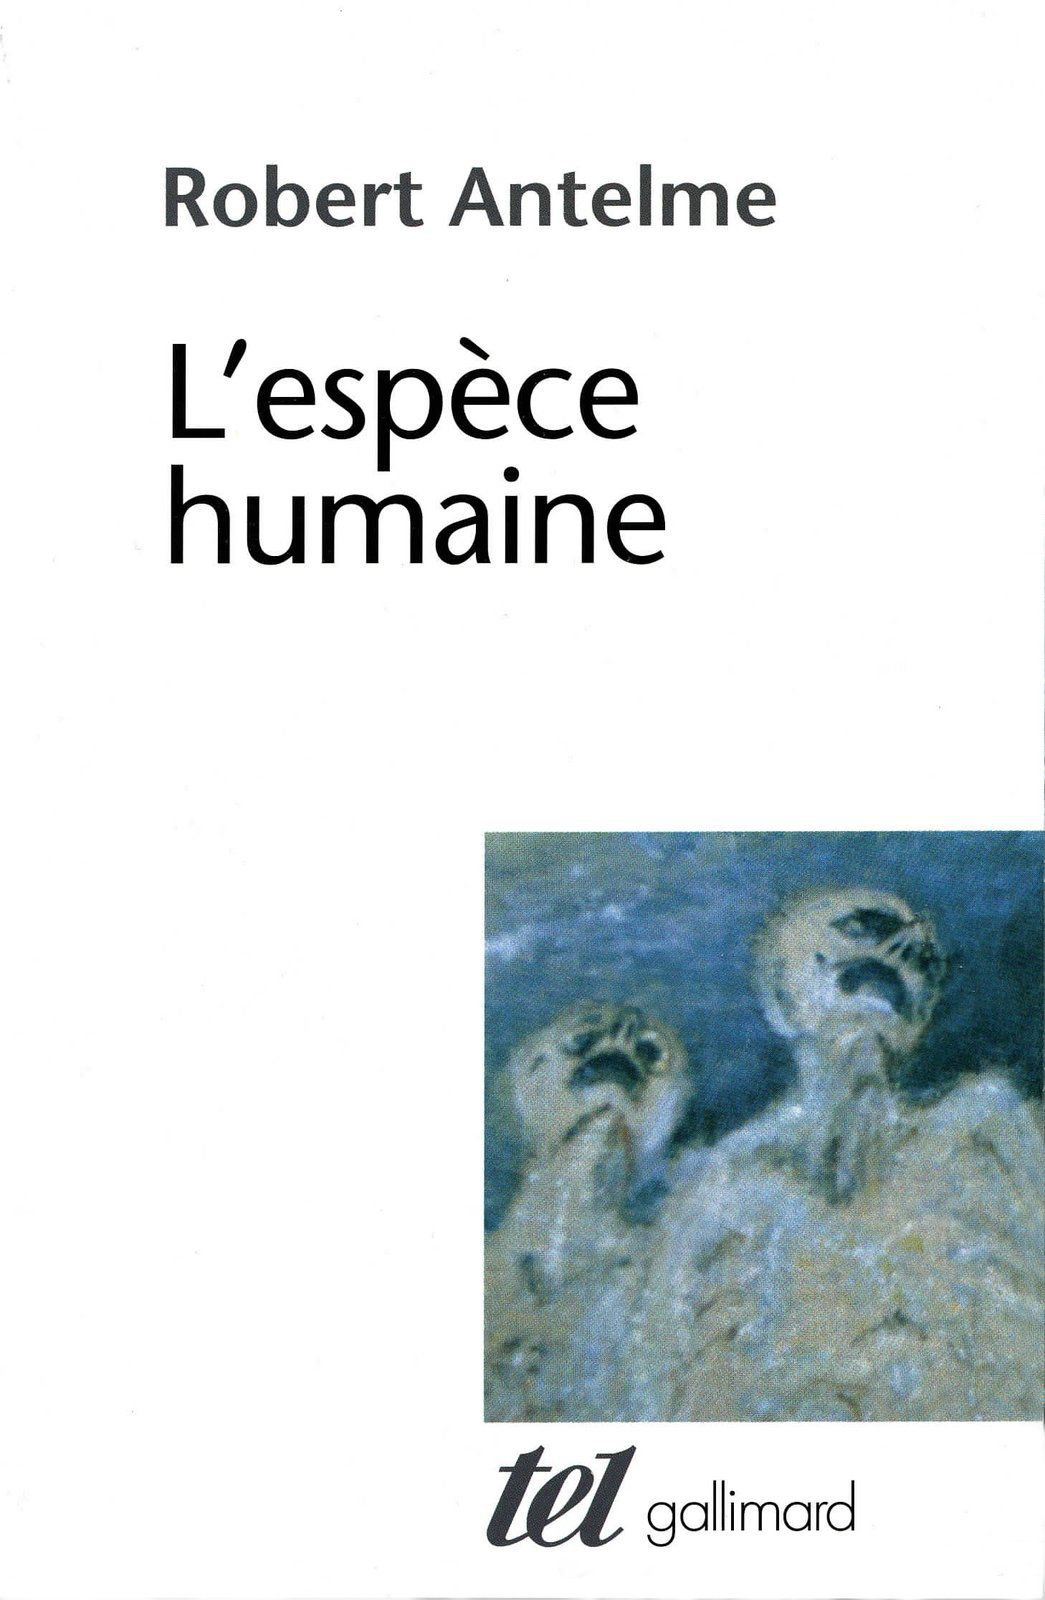 Espèce humaine et monde commun (2 avril 2020)